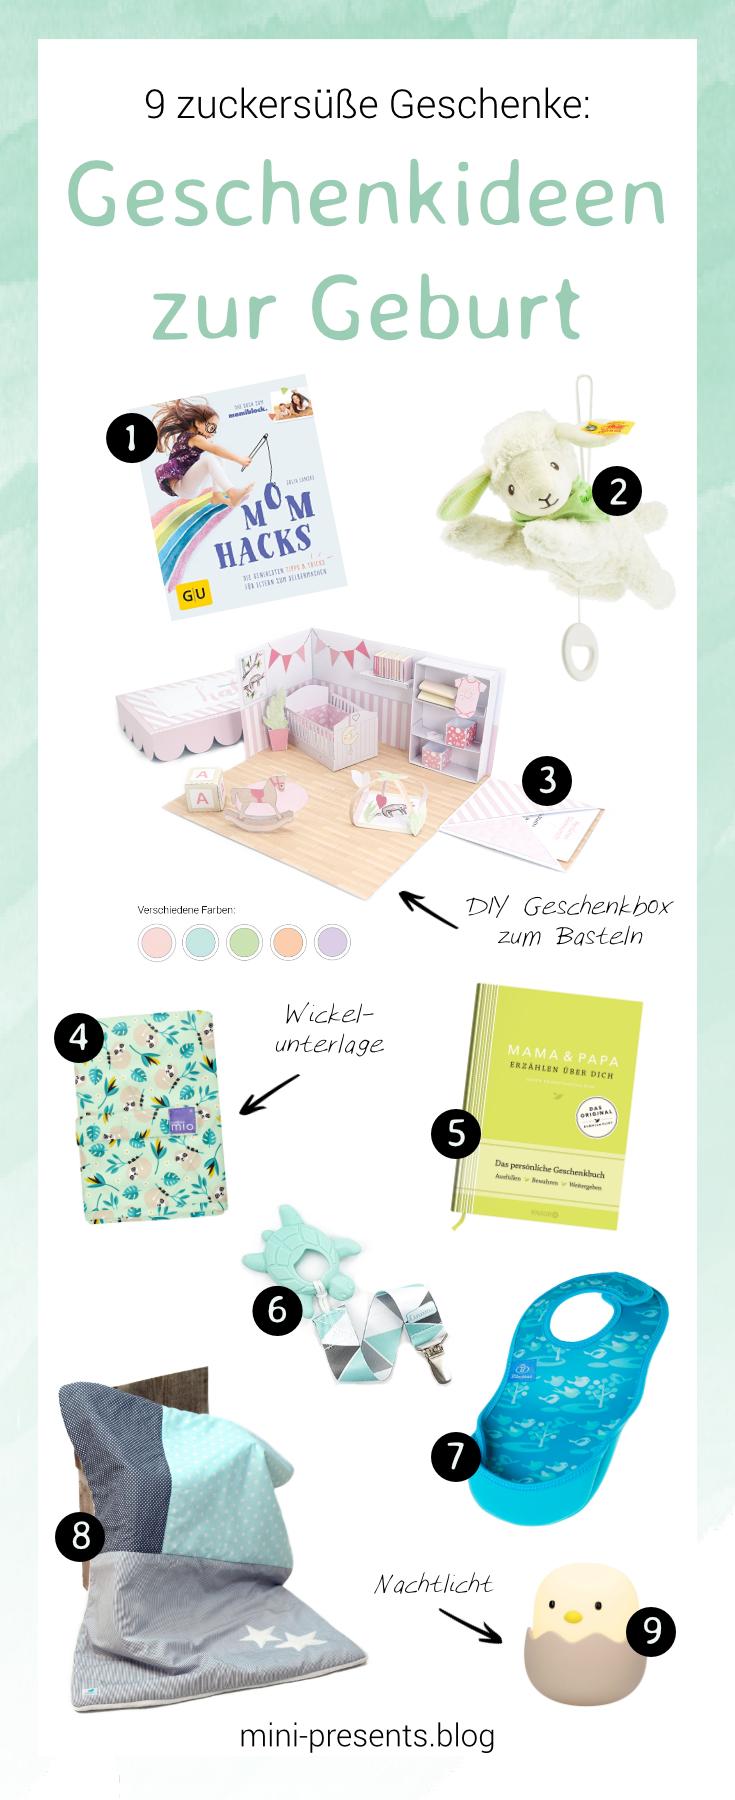 mini-presents Gechenke zur Geburt oder Taufe